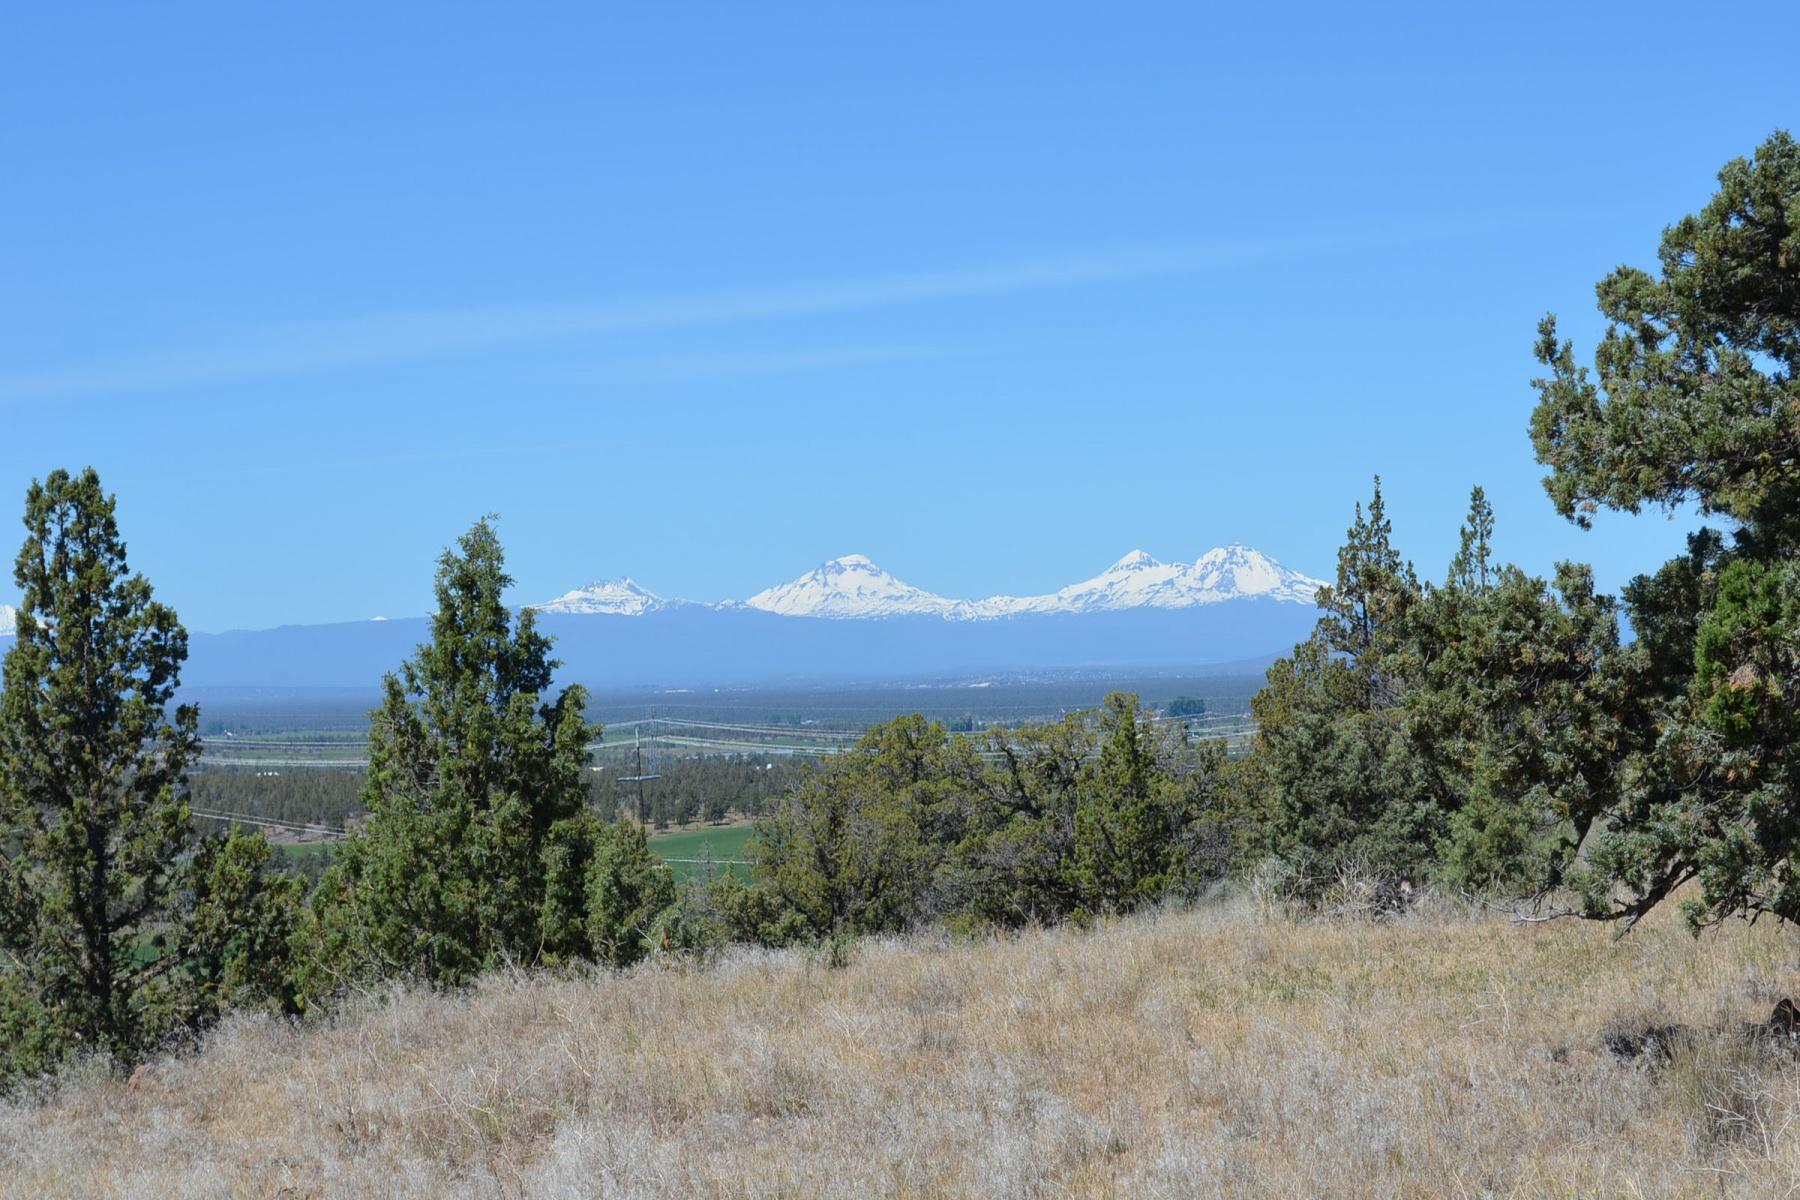 Terreno por un Venta en TL 100 Westwood/Rosewood Drive, POWELL BUTTE Powell Butte, Oregon 97753 Estados Unidos